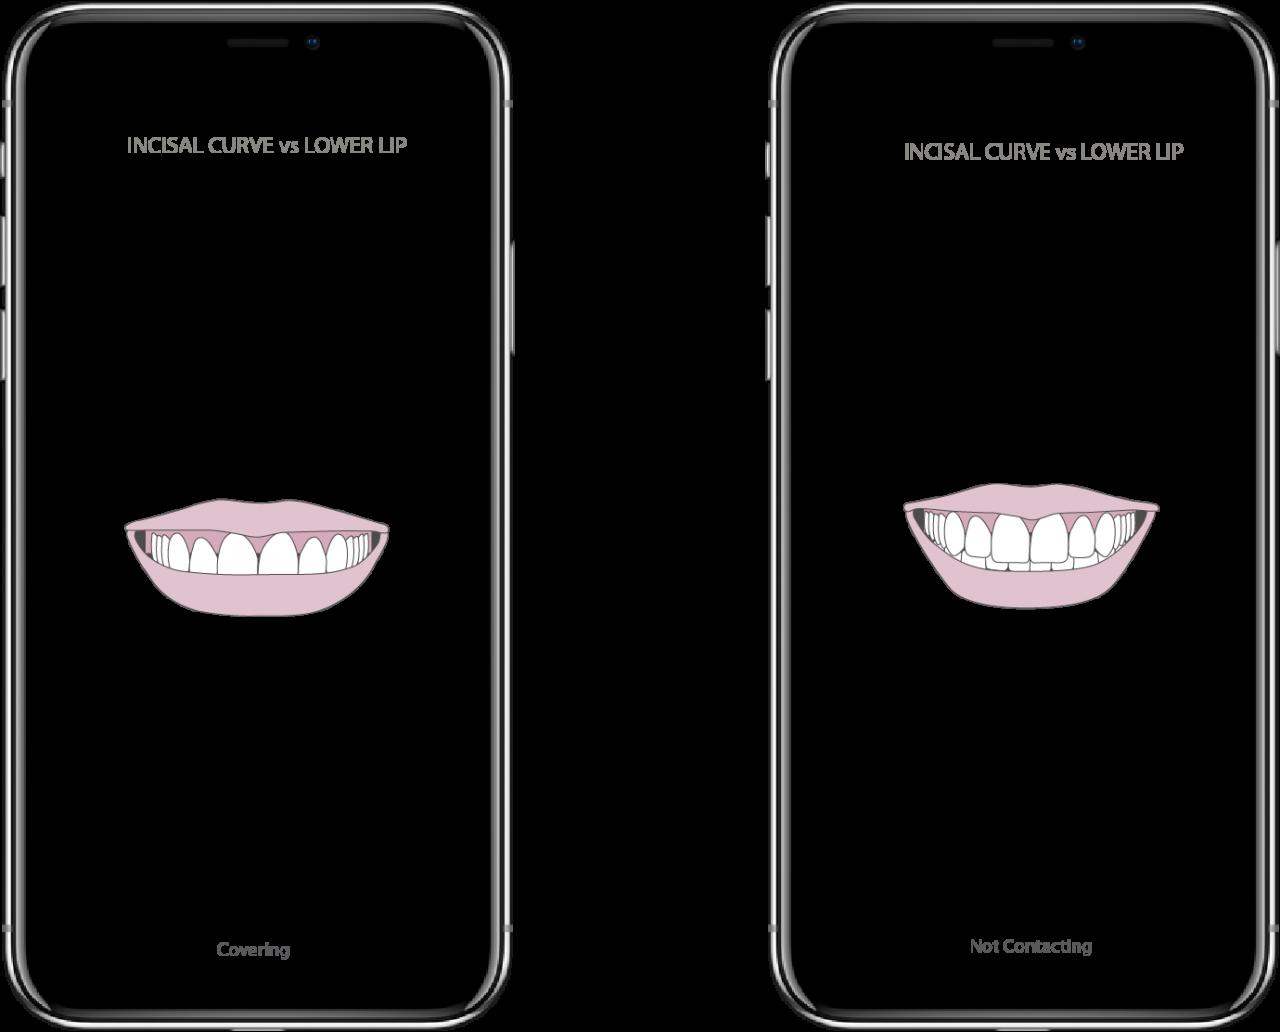 smiledesign04